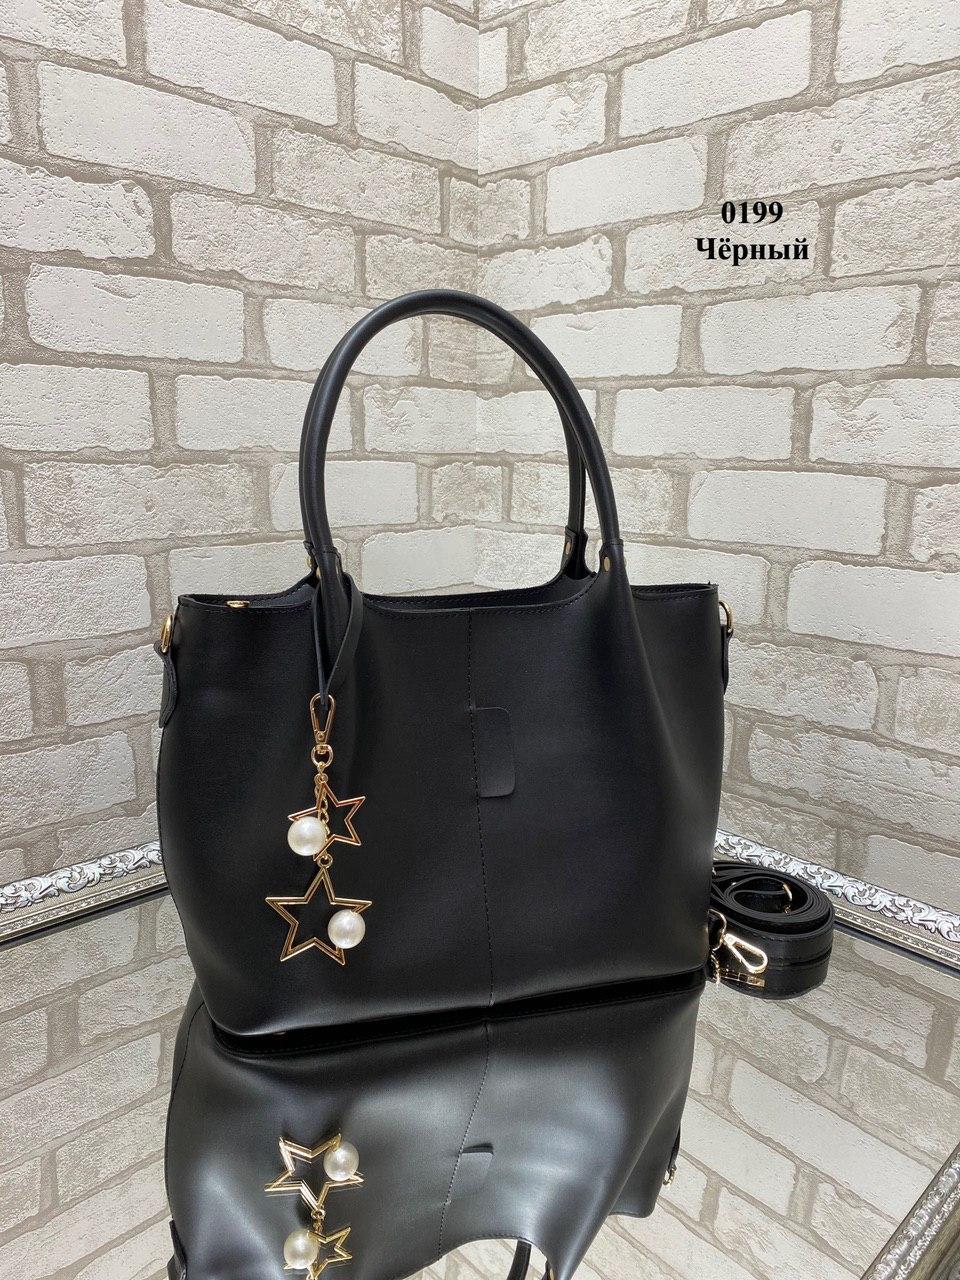 Большая вместительная черная женская сумка на плечо шоппер экокожа